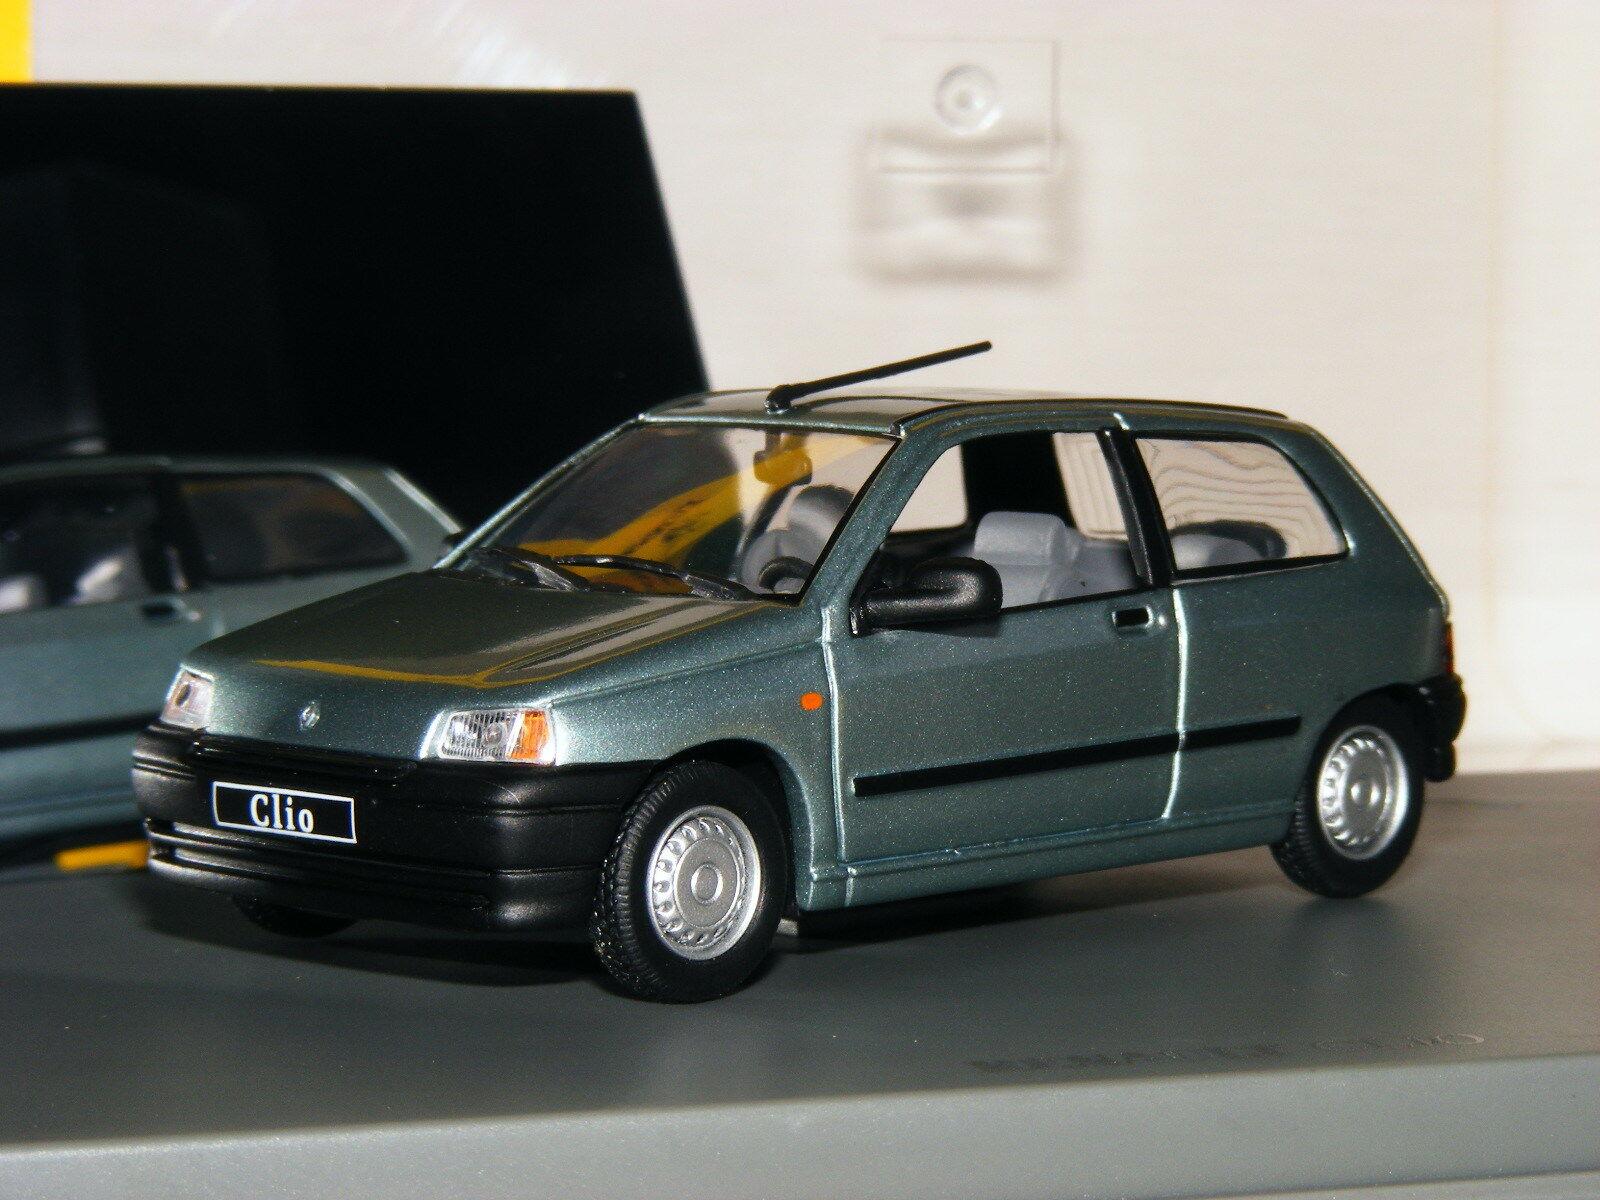 Universal Hobbies 1990 Renault Clio 3-Door Metallic bluee Dealer Edition 1 43